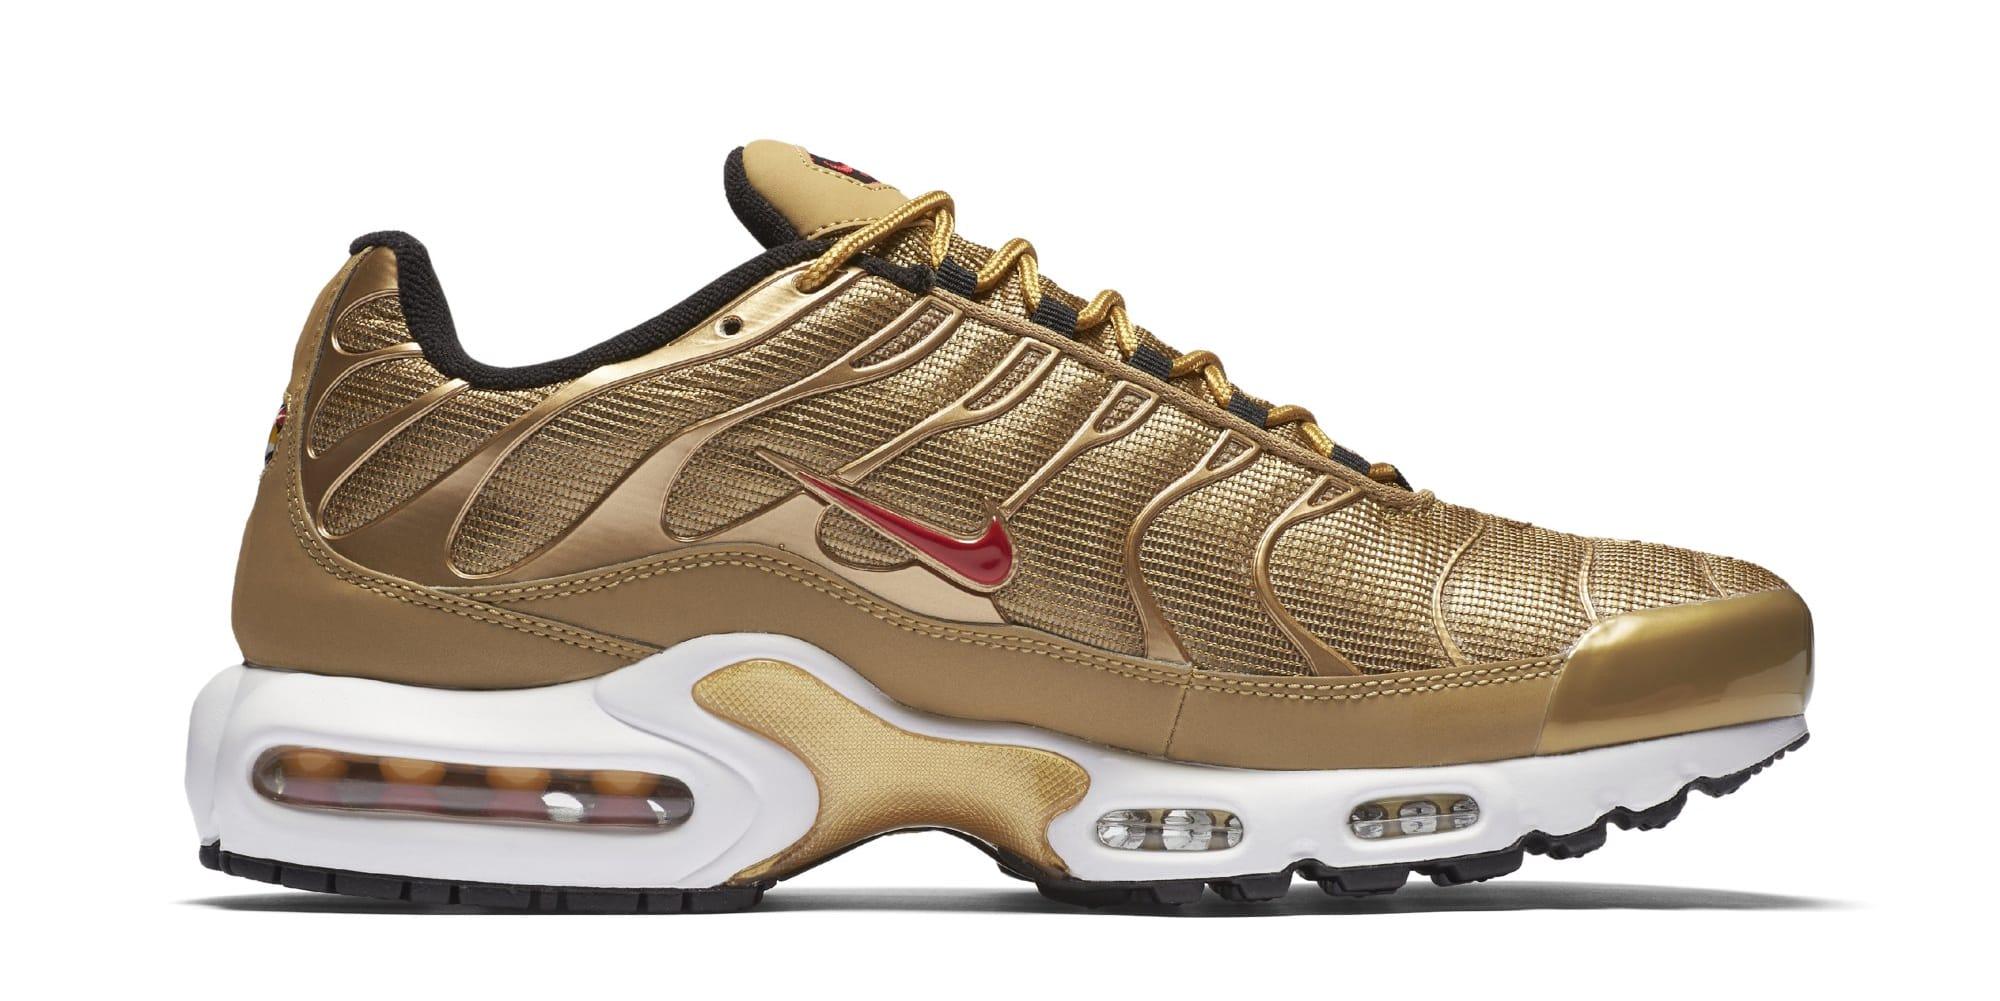 super popular 59707 1ab5e Nike Air Max Plus 'Metallic Gold' 903827-700 Release Date ...